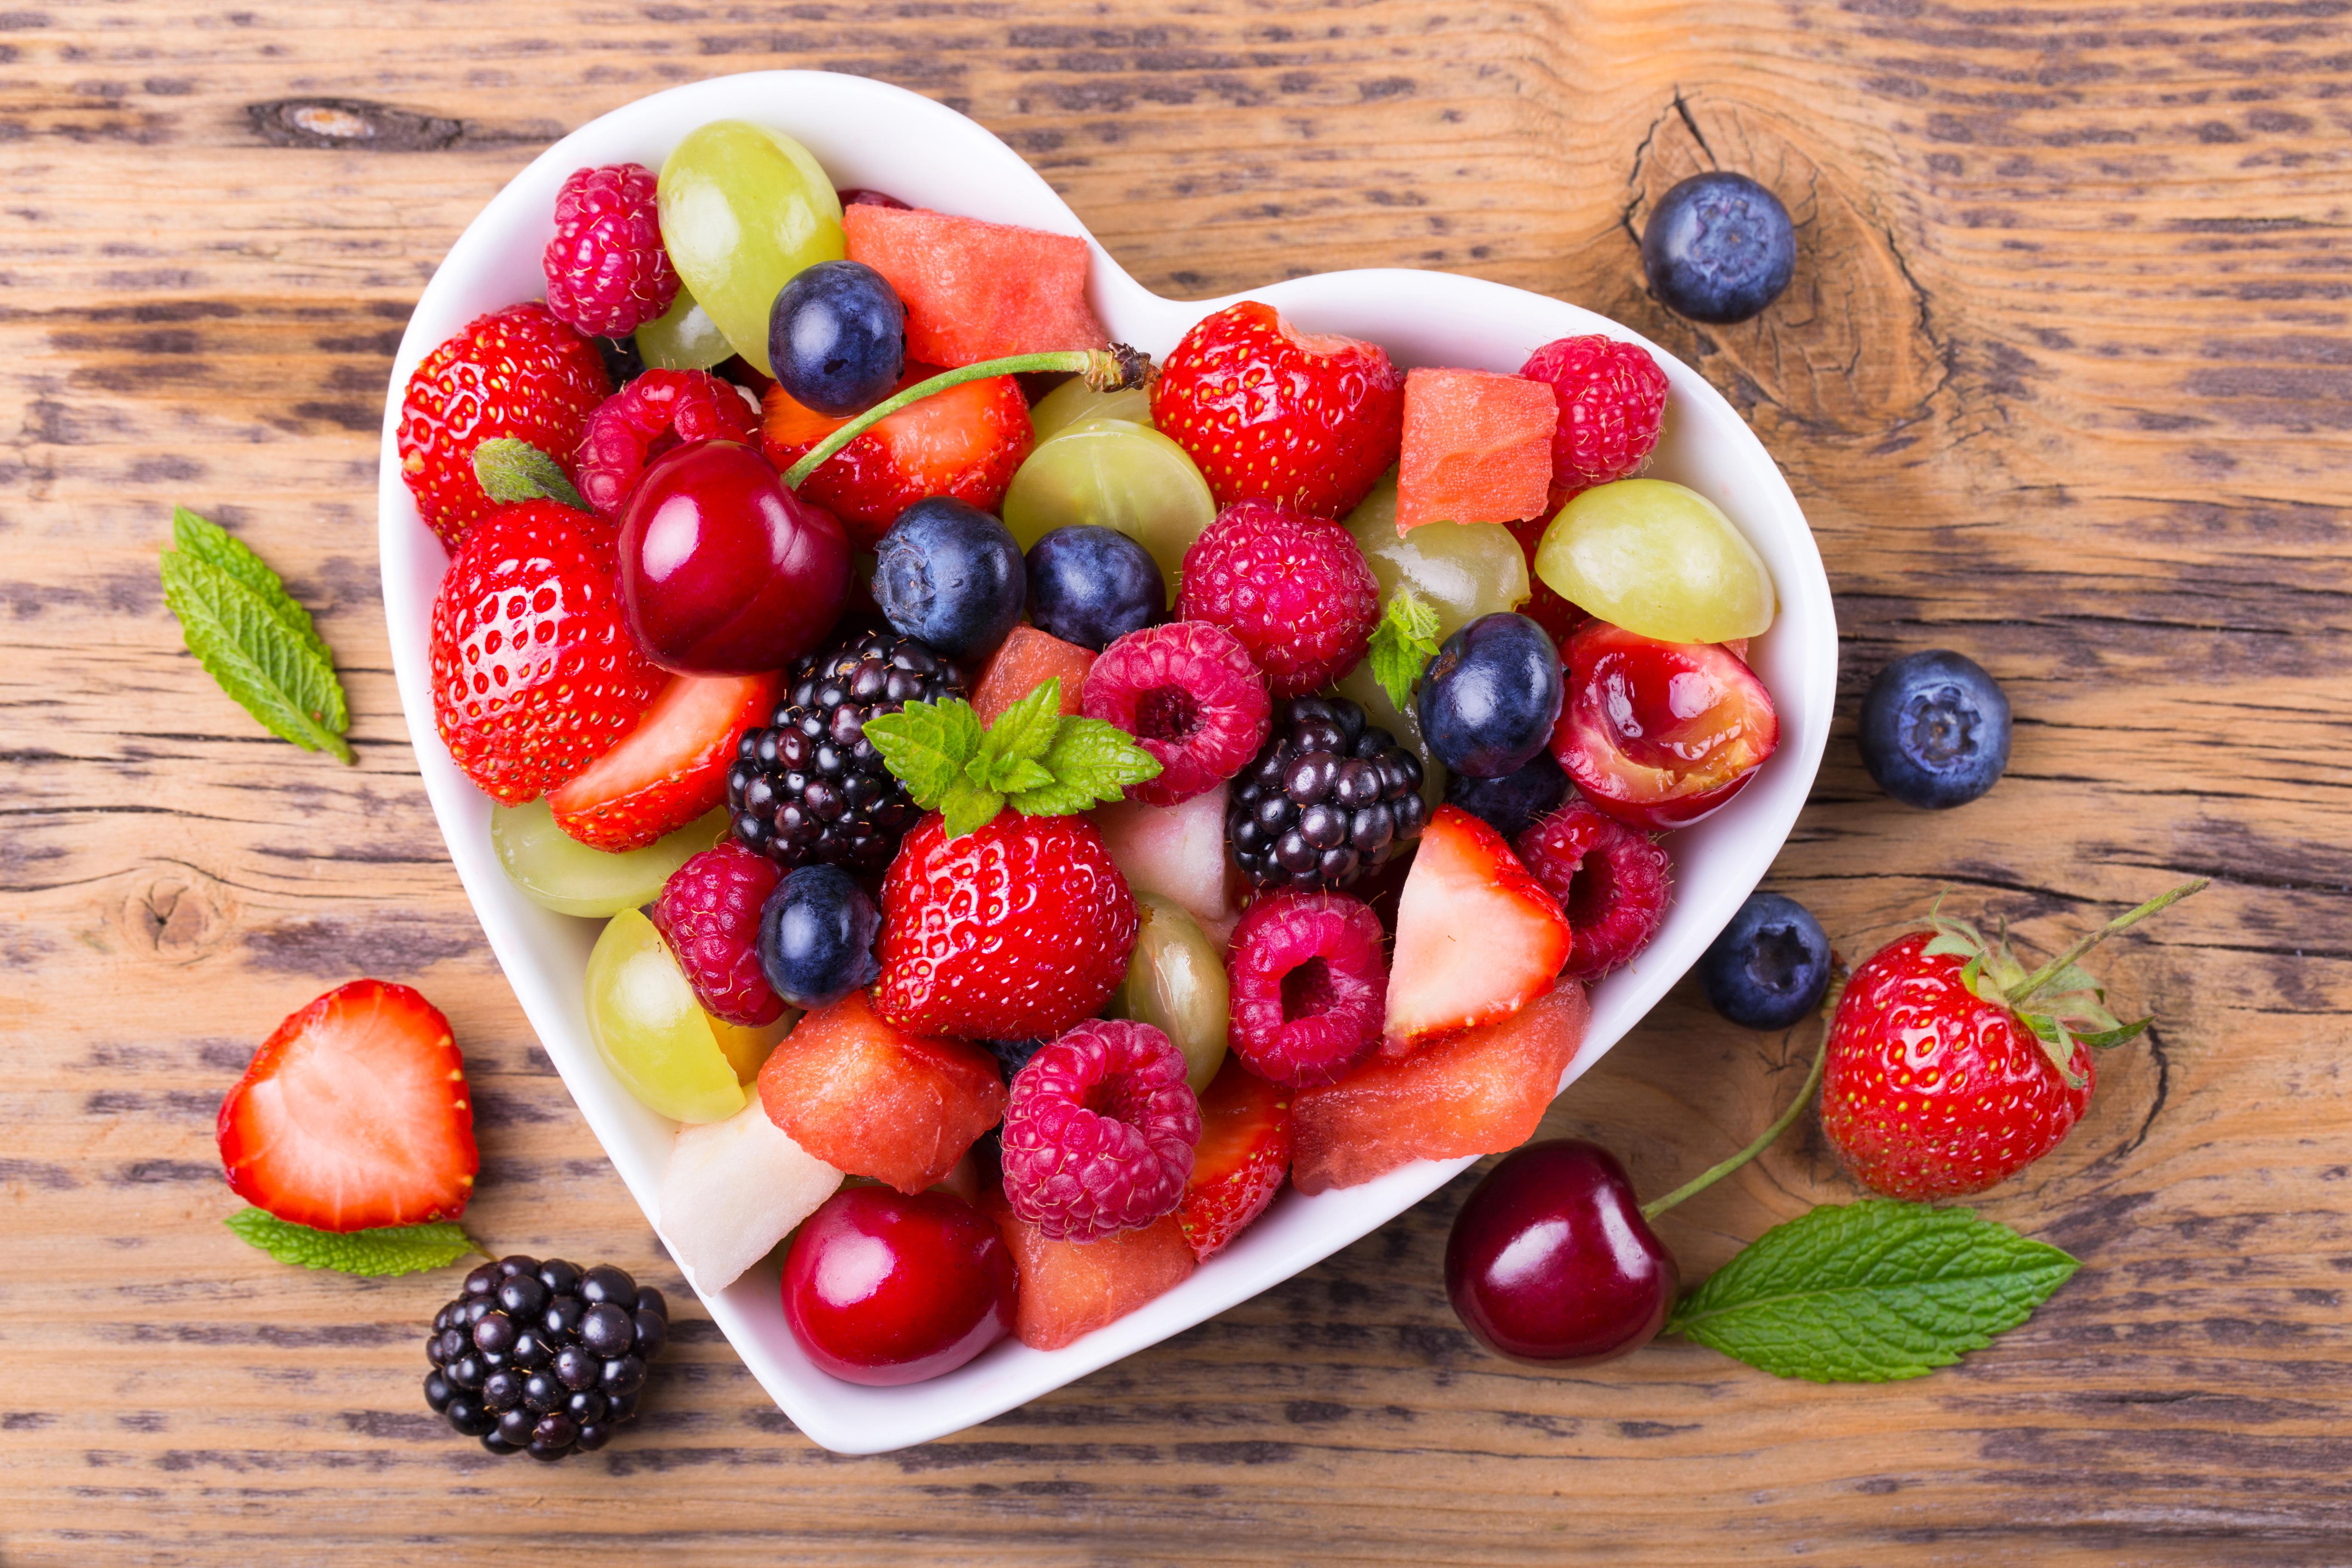 Правильное питание в жару поможет уменьшить потливость: 5 продуктов, которые стоит включить в летний рацион